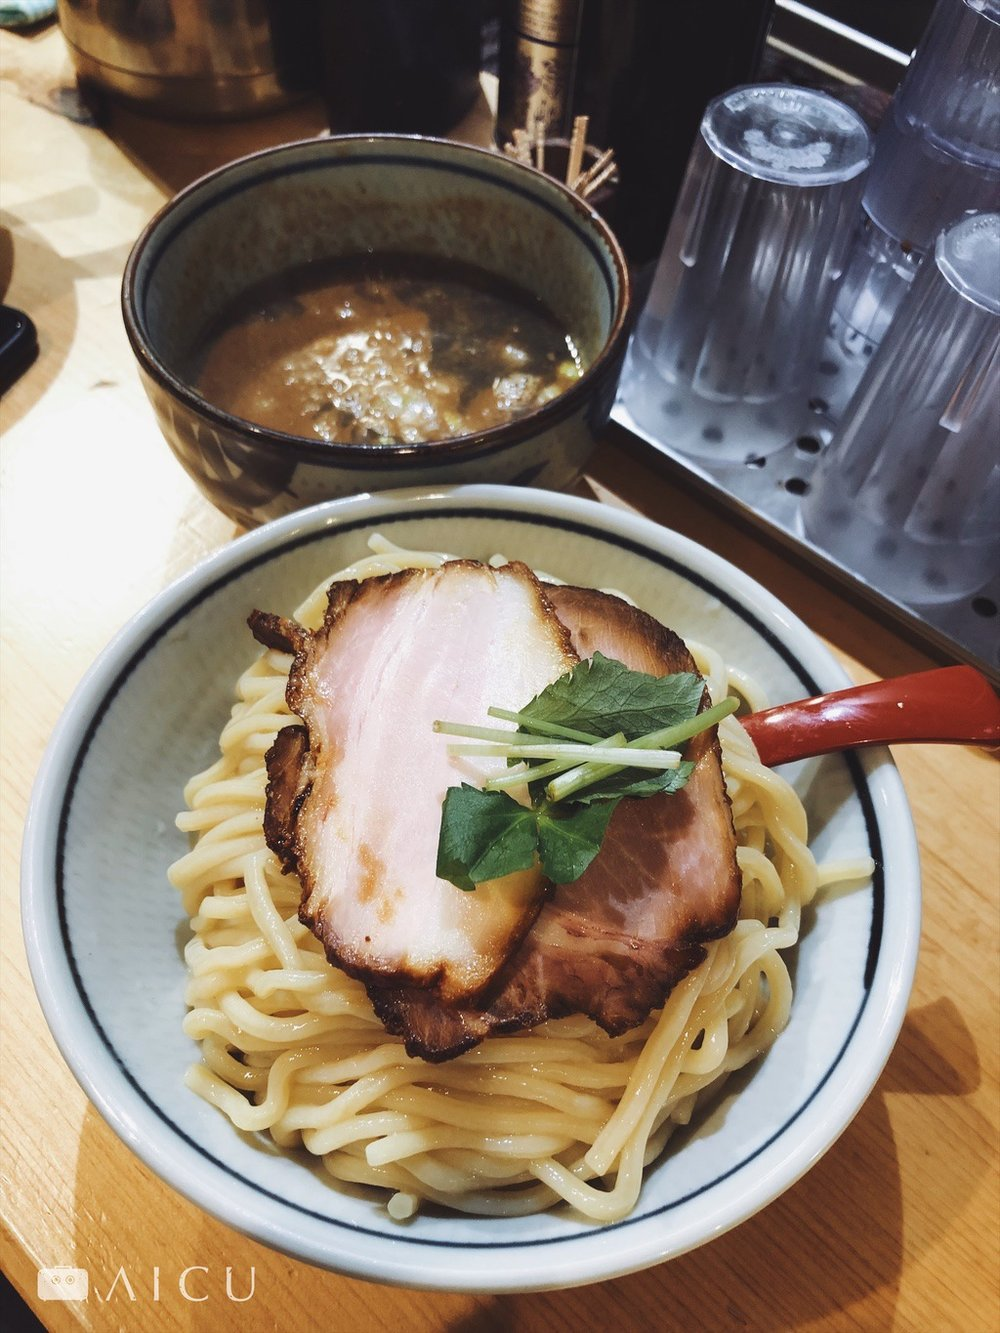 沾麵相比拉麵,更能吃出麵條的口感,不過麵條要冷、醬汁要熱,才能吃出對比。